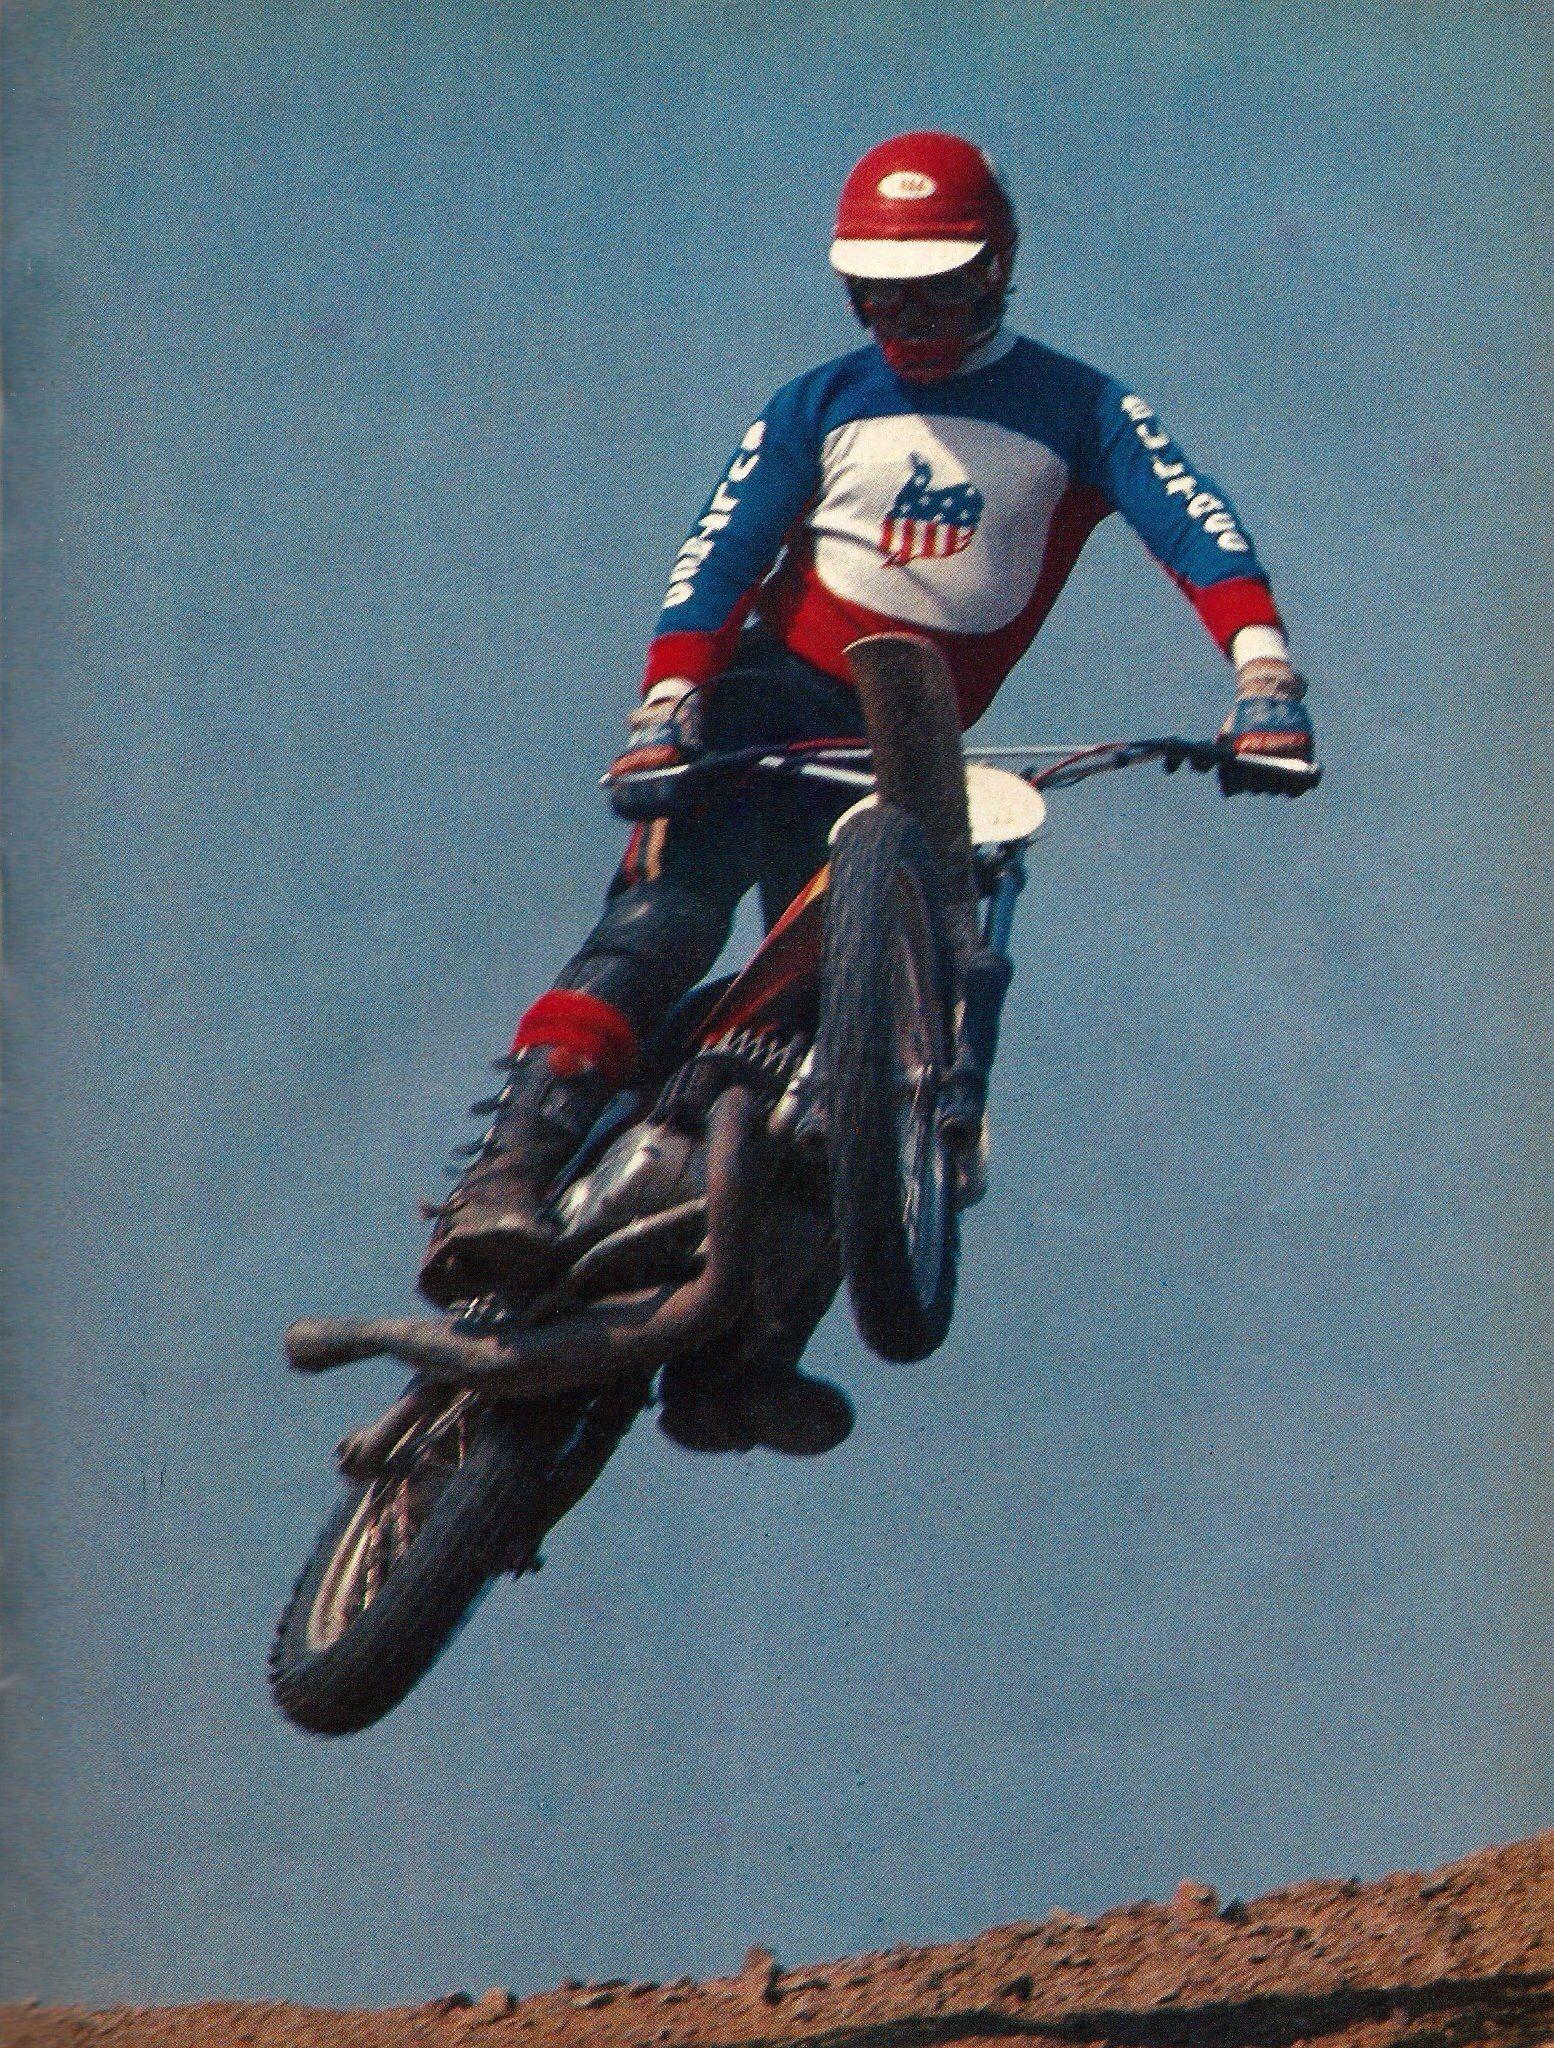 Motocross Jim Pomeroy Bultaco Dirt Bike Legends Pinterest